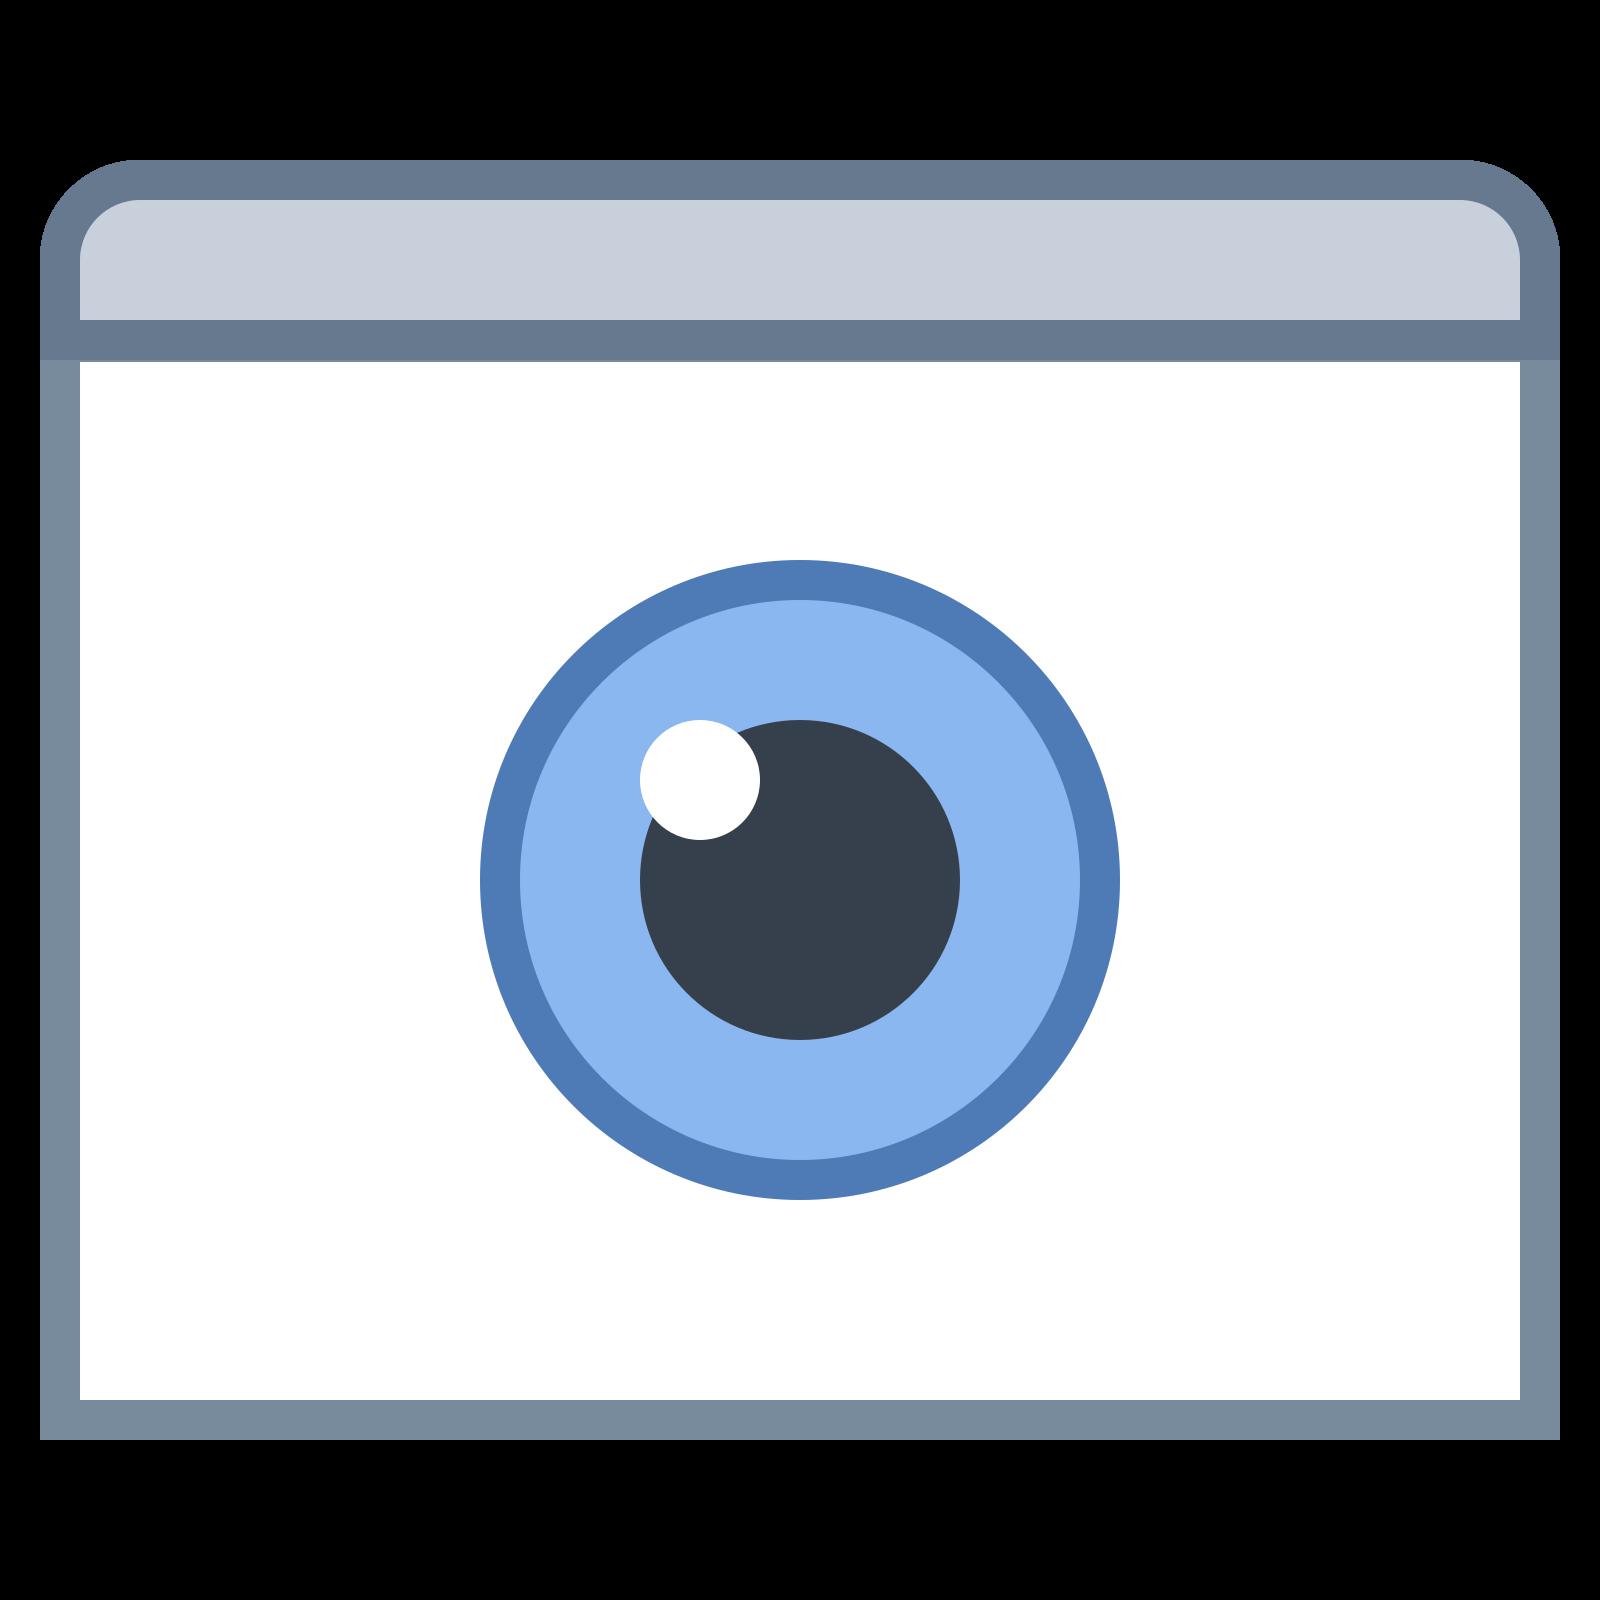 Пометить как видимый icon